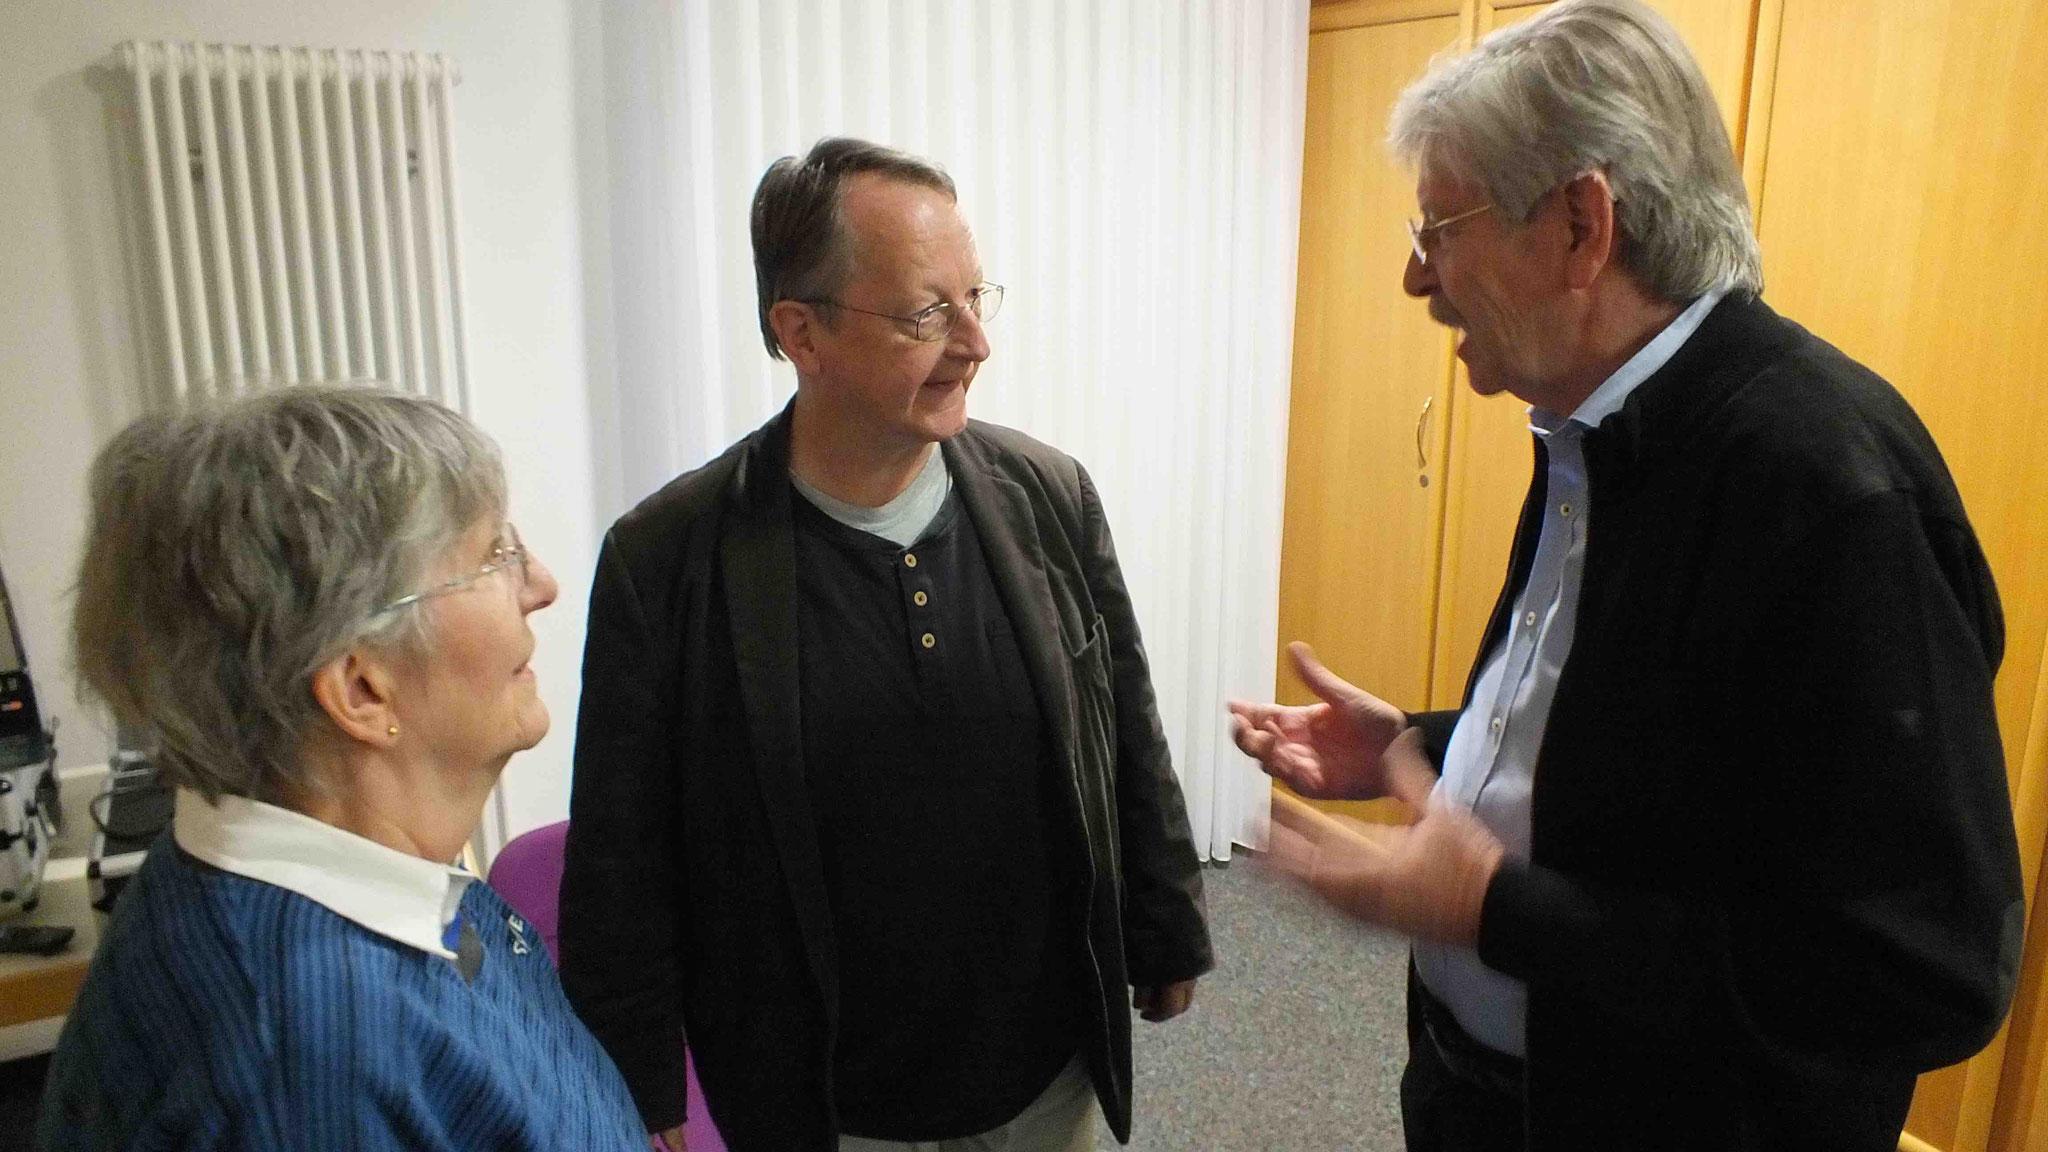 Adalbert Becker gab uns die Ehre seines Besuches